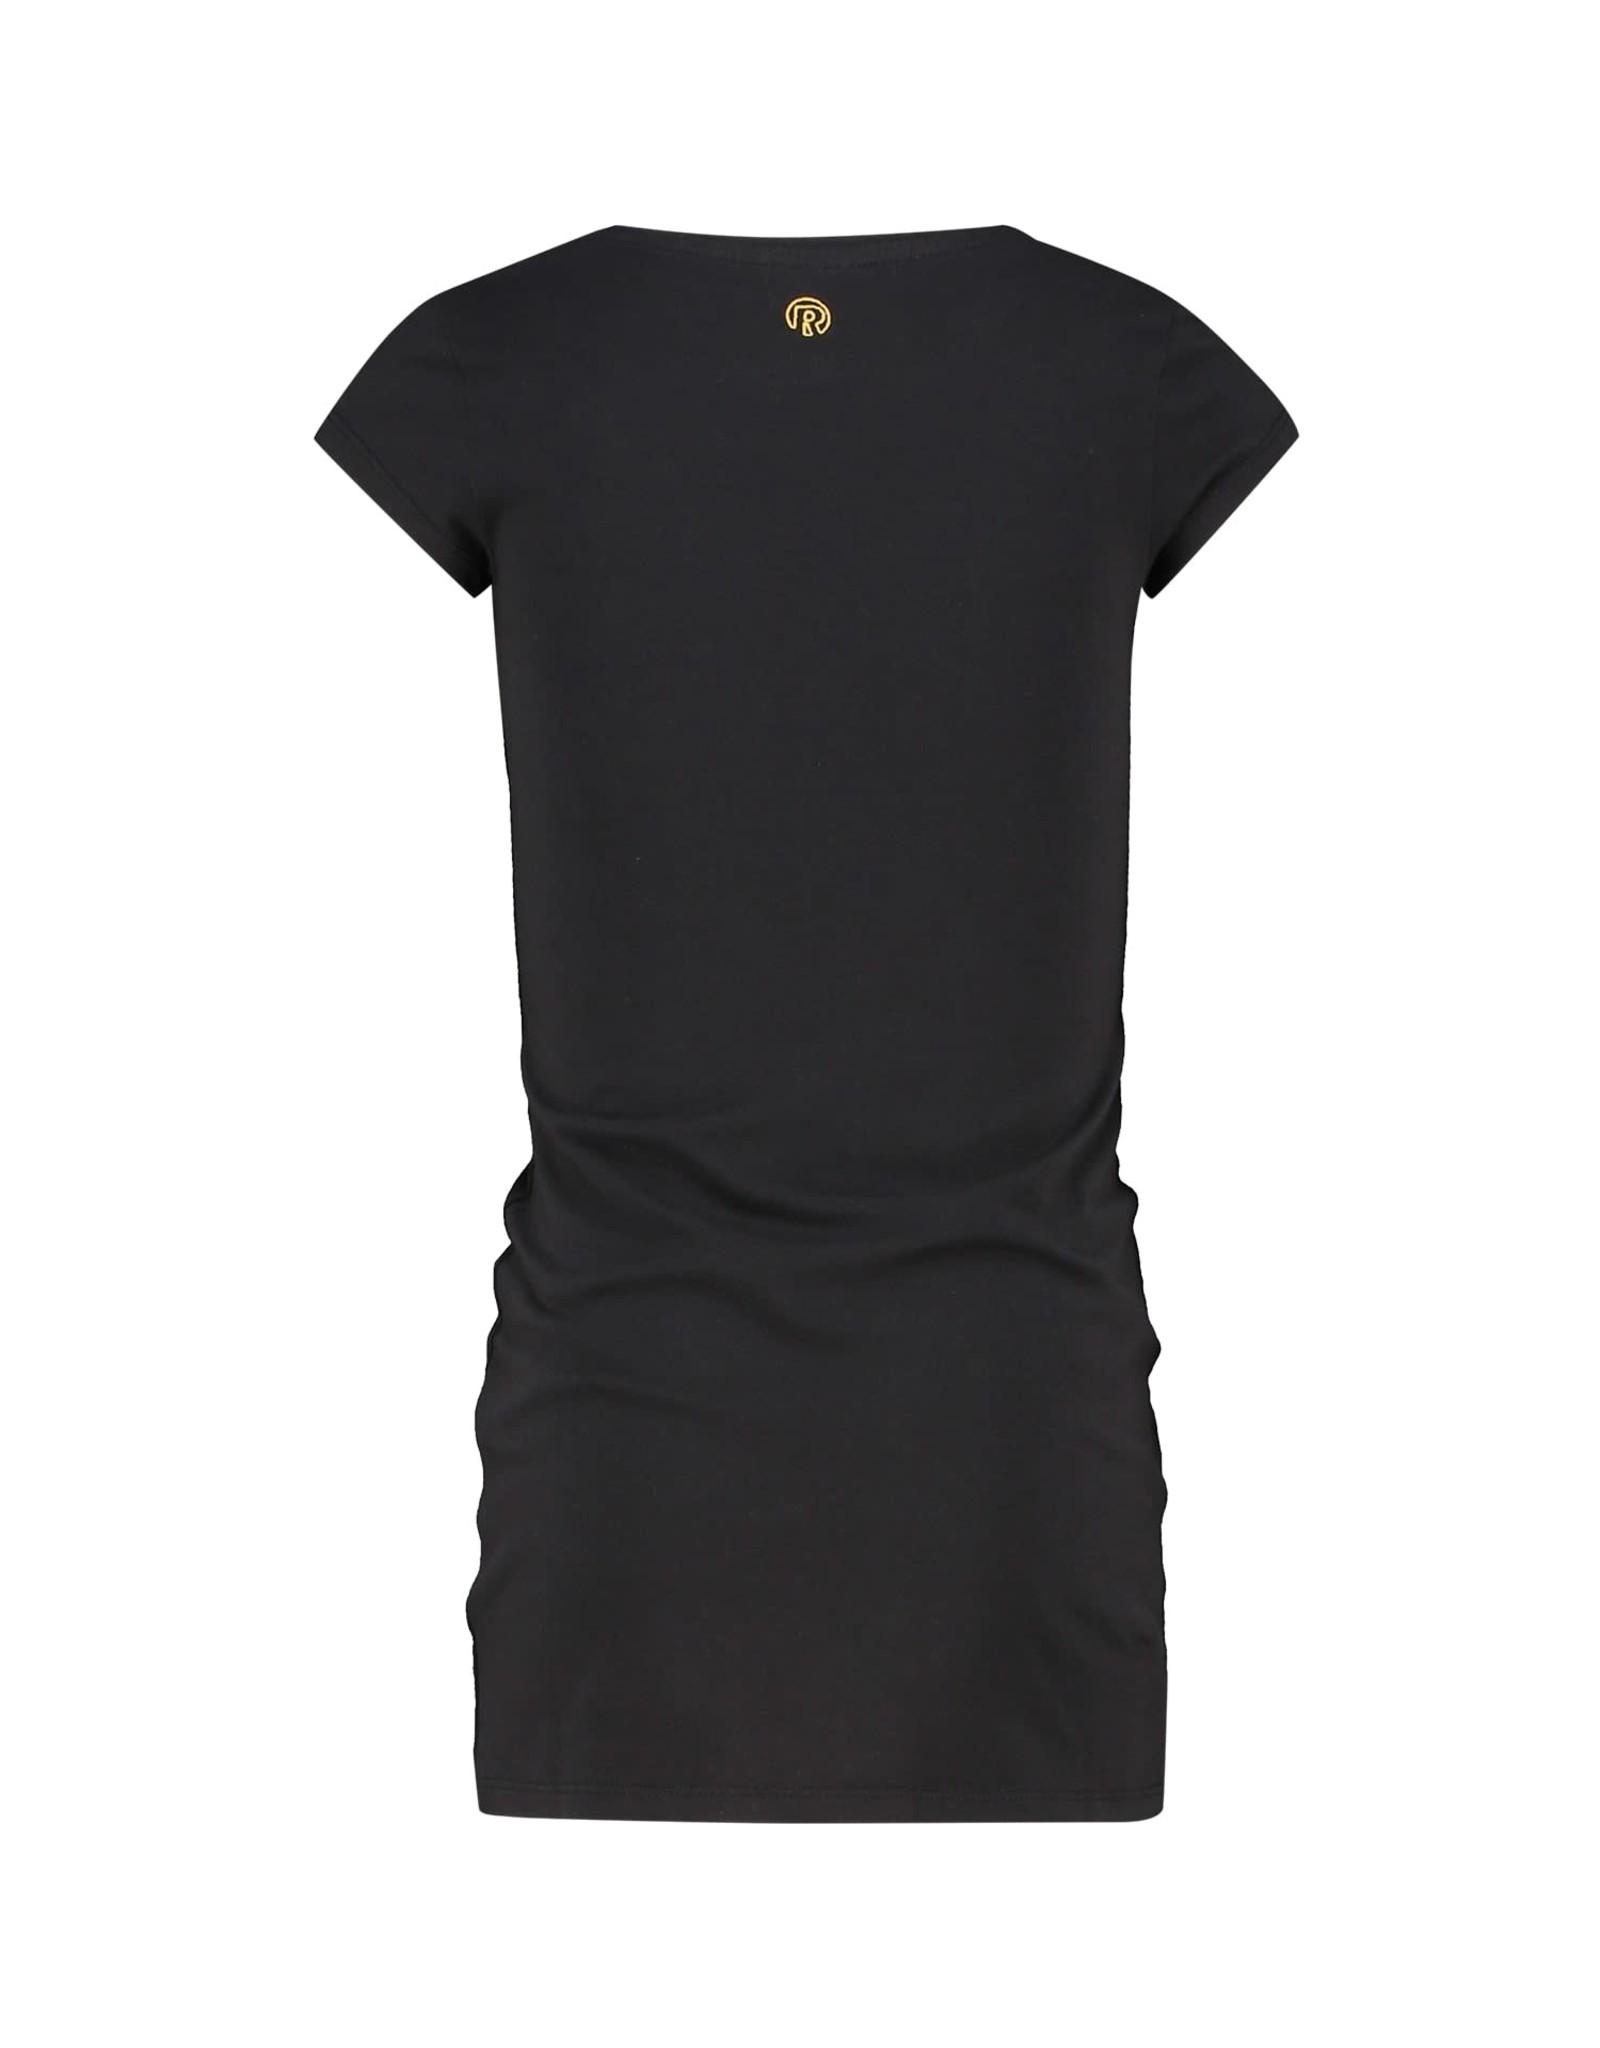 Raizzed Raizzed meiden jurk Taipei Deep Black S21